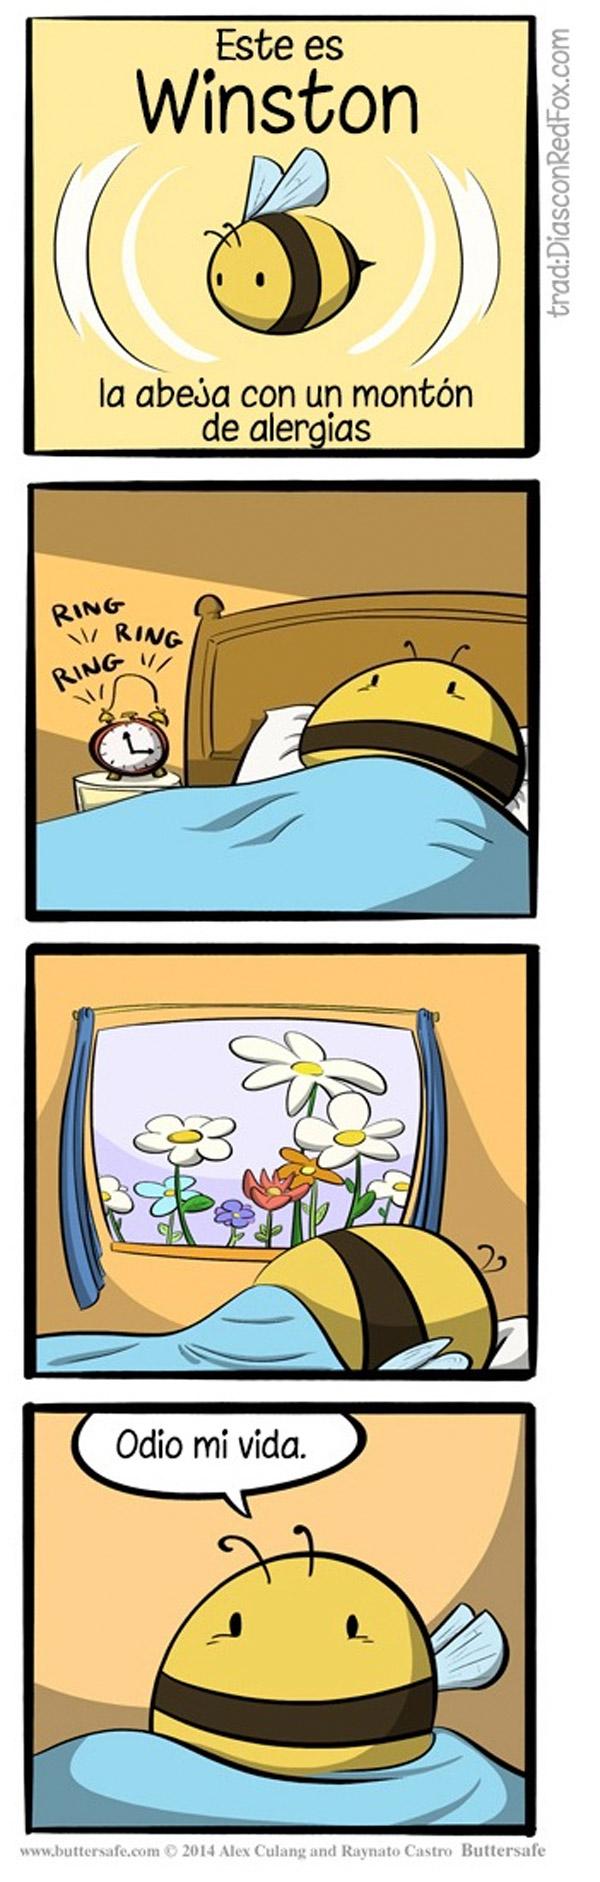 La abeja alérgica